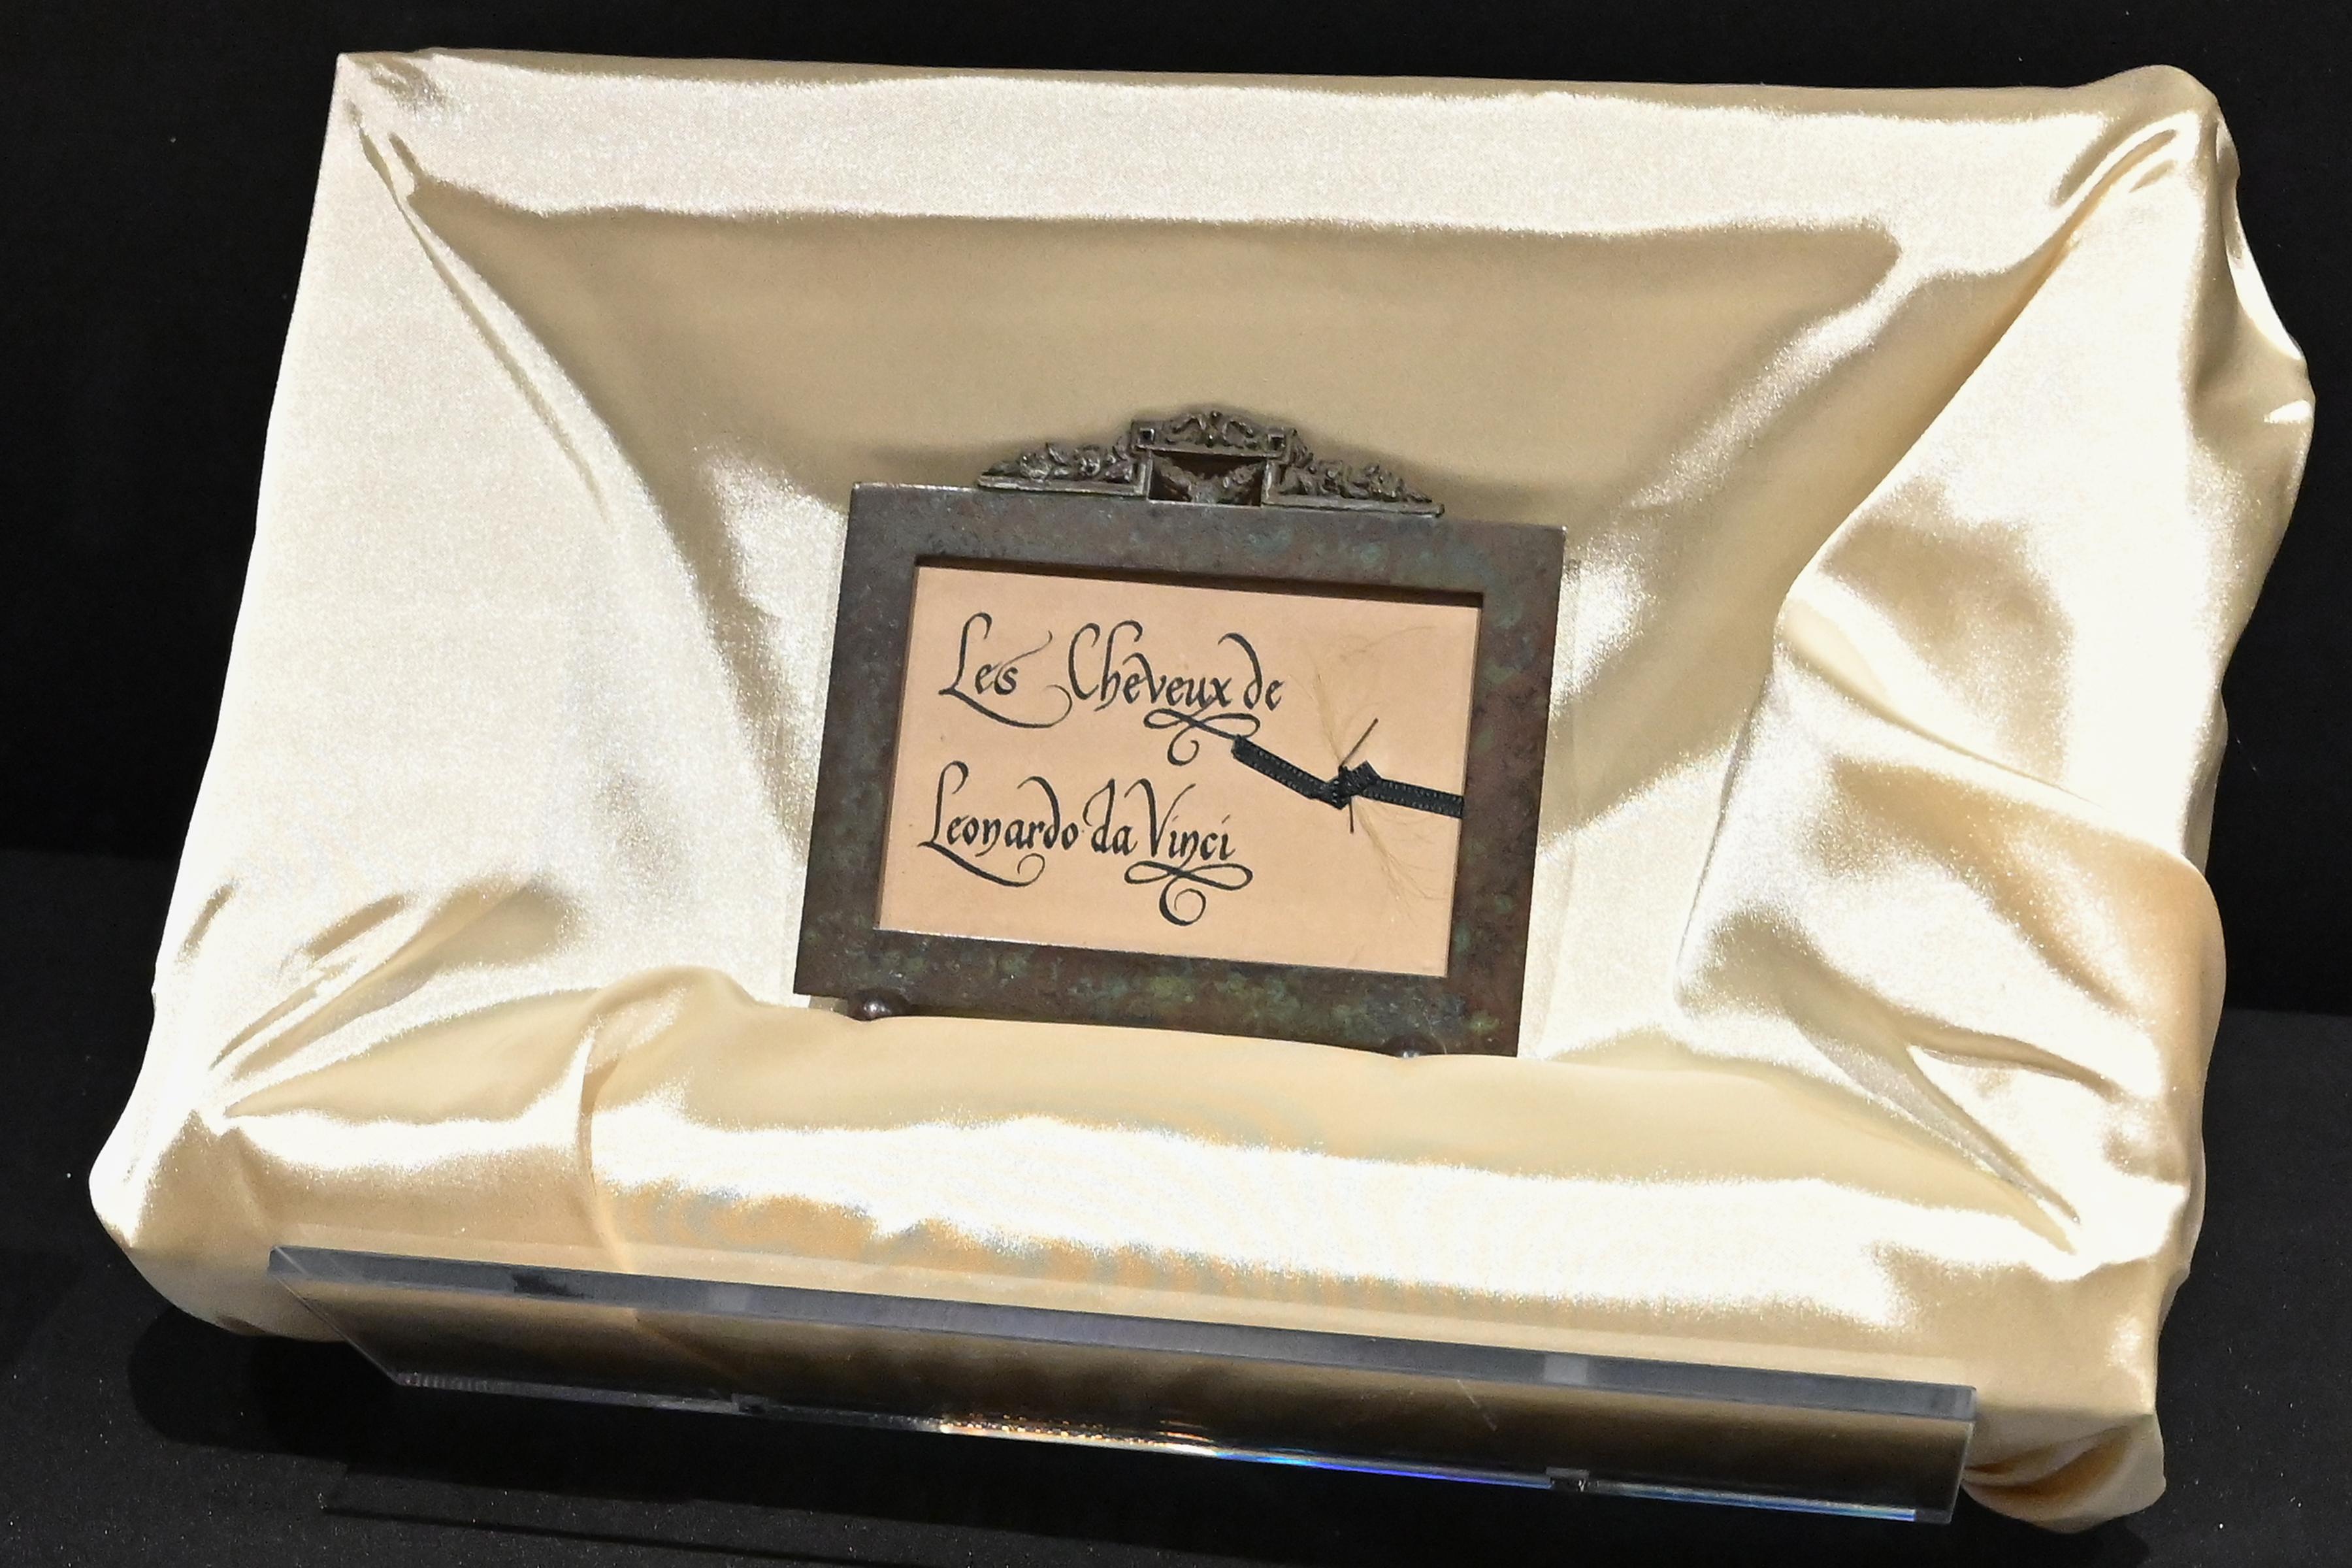 Az Uffizi igazgatója szerint hamisítvány Leonardo da Vinci kiállított hajtincse